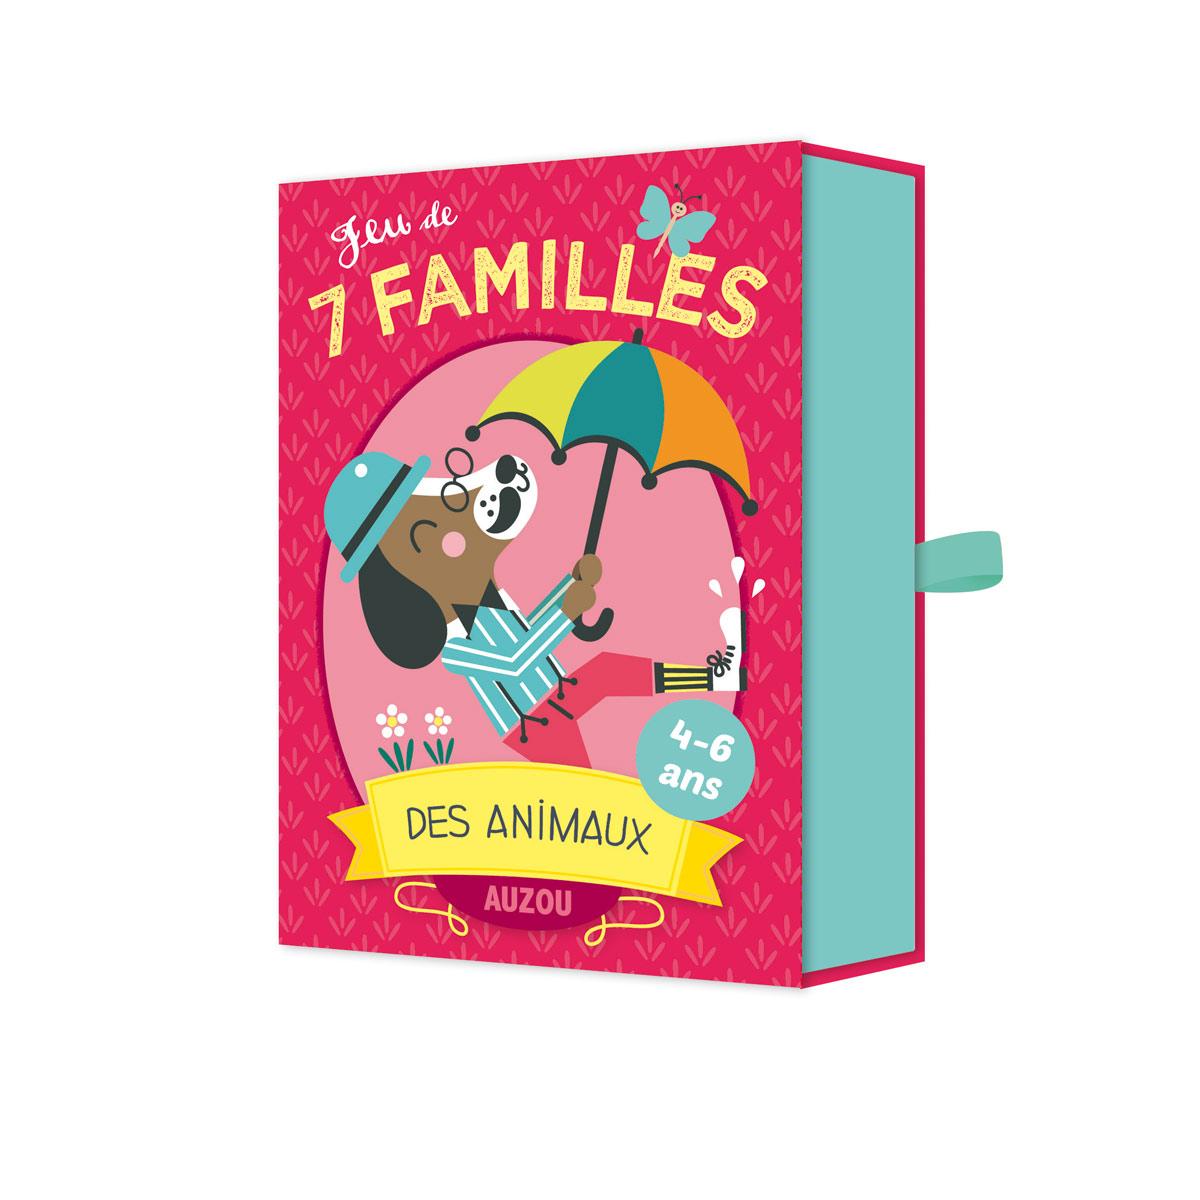 Jeu De 7 Familles Des Animaux avec Jeux Animaux Pour Fille